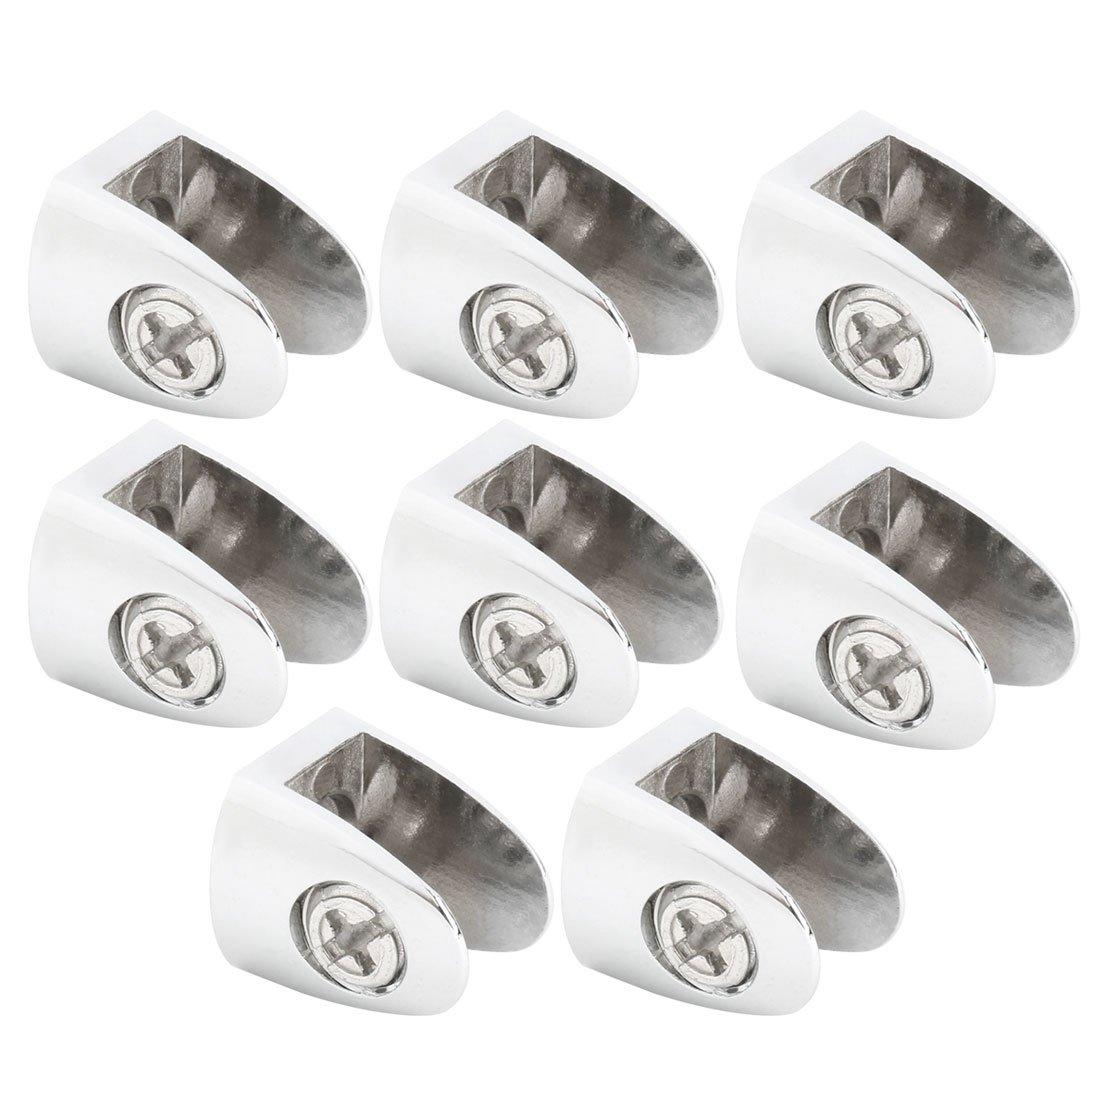 uxcell Zinc Alloy Home Door Glass Shelf Clamp Brackets Fixing Clips Holder Support 8pcs